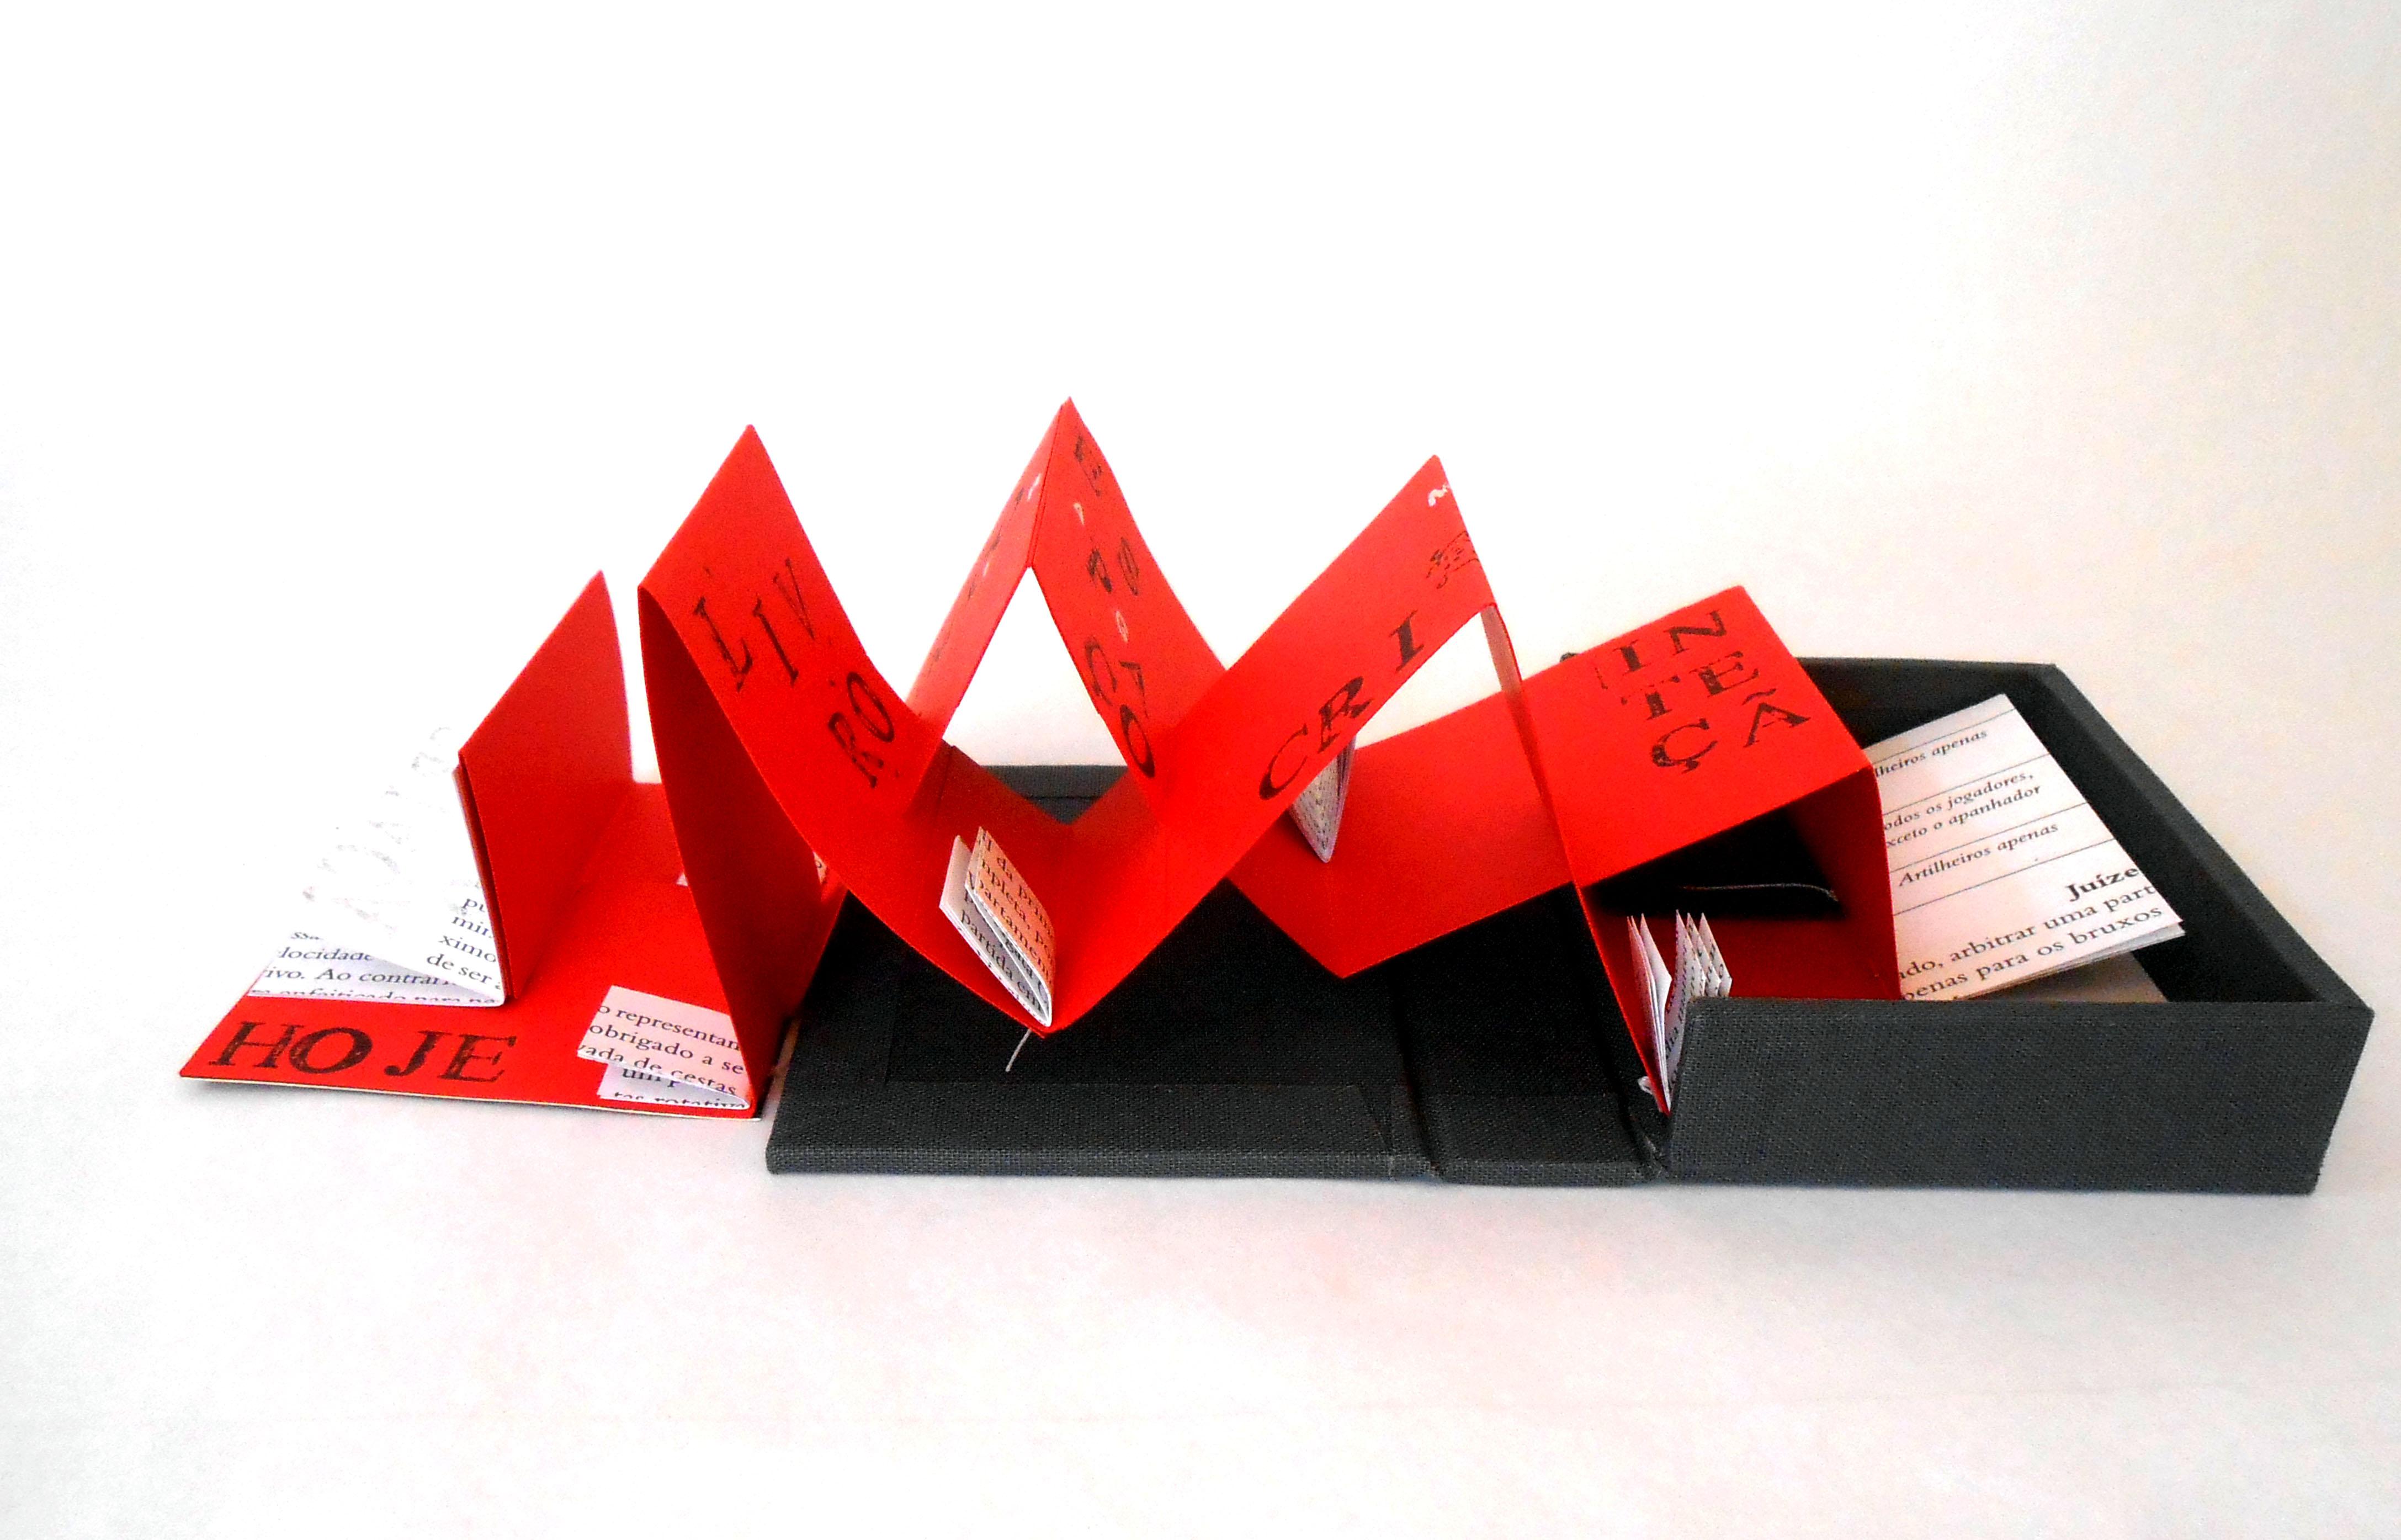 Peça feita a partir do uso da concertina com encaixes em diferentes pontos e com tiras de tamanhos variados para criar volume e alturas diversas